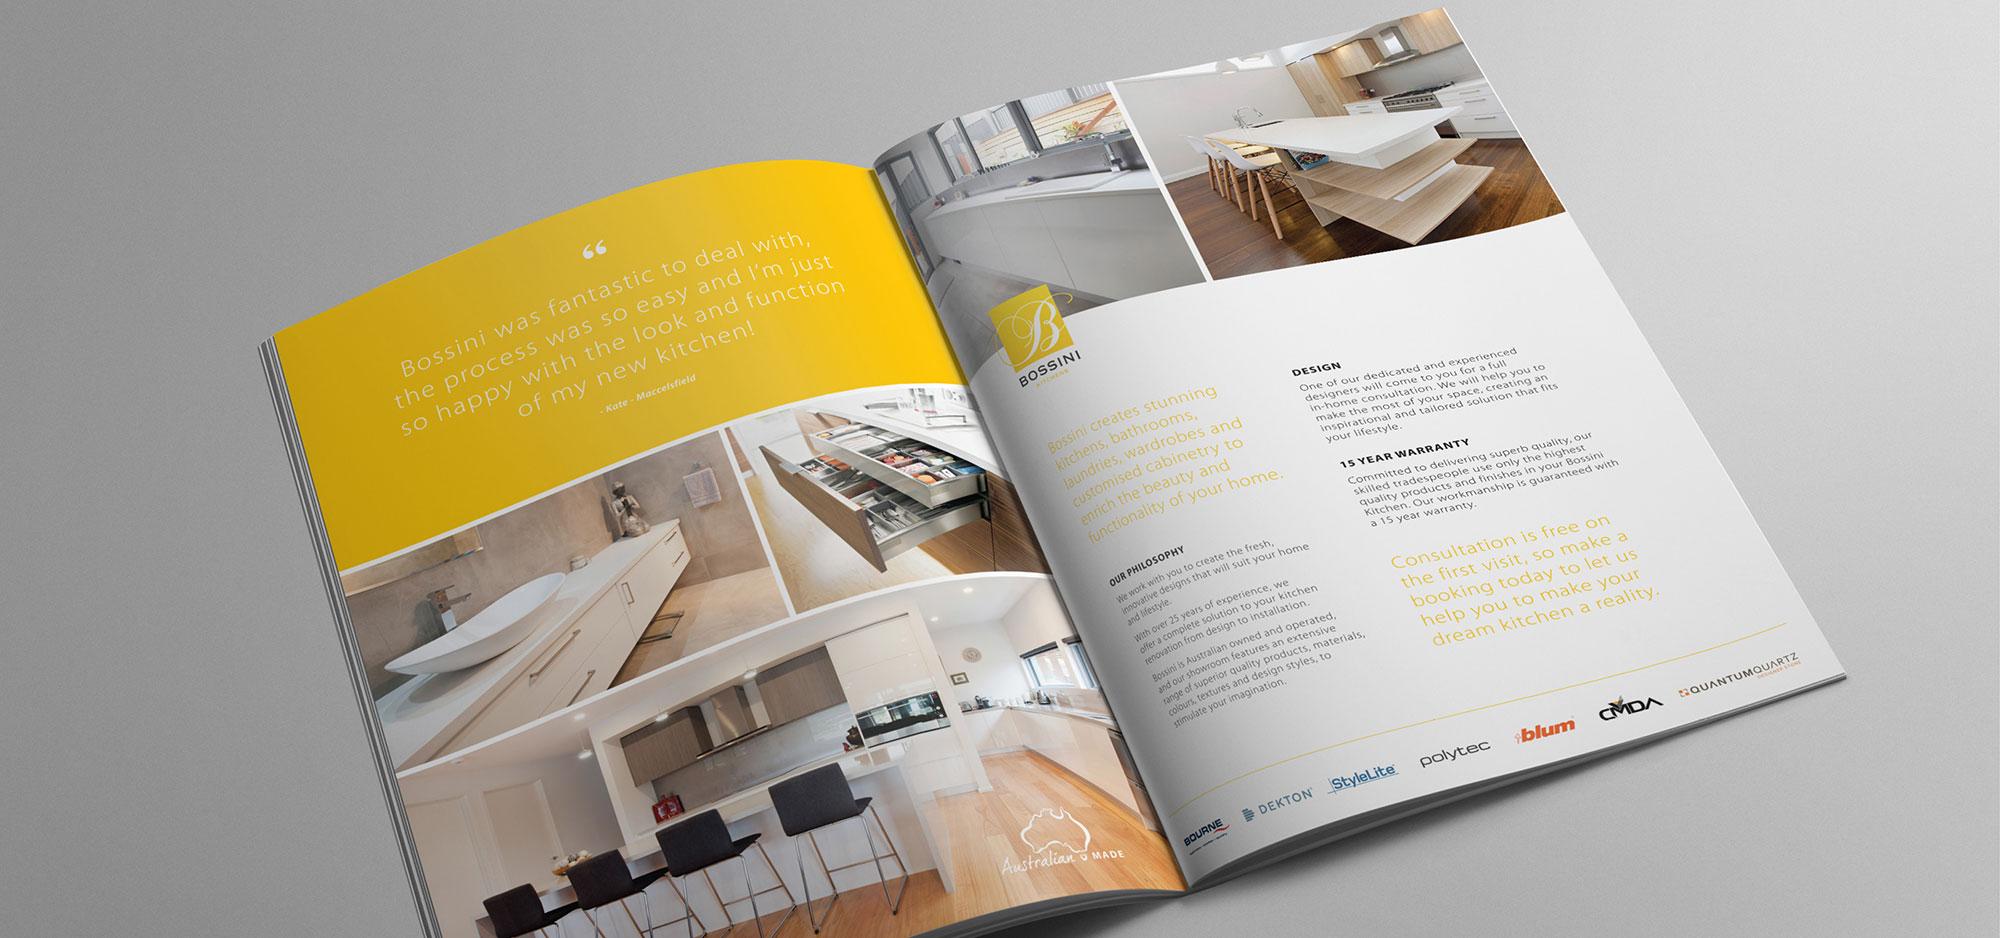 company-profile_design_mornington_bossini-kitchens